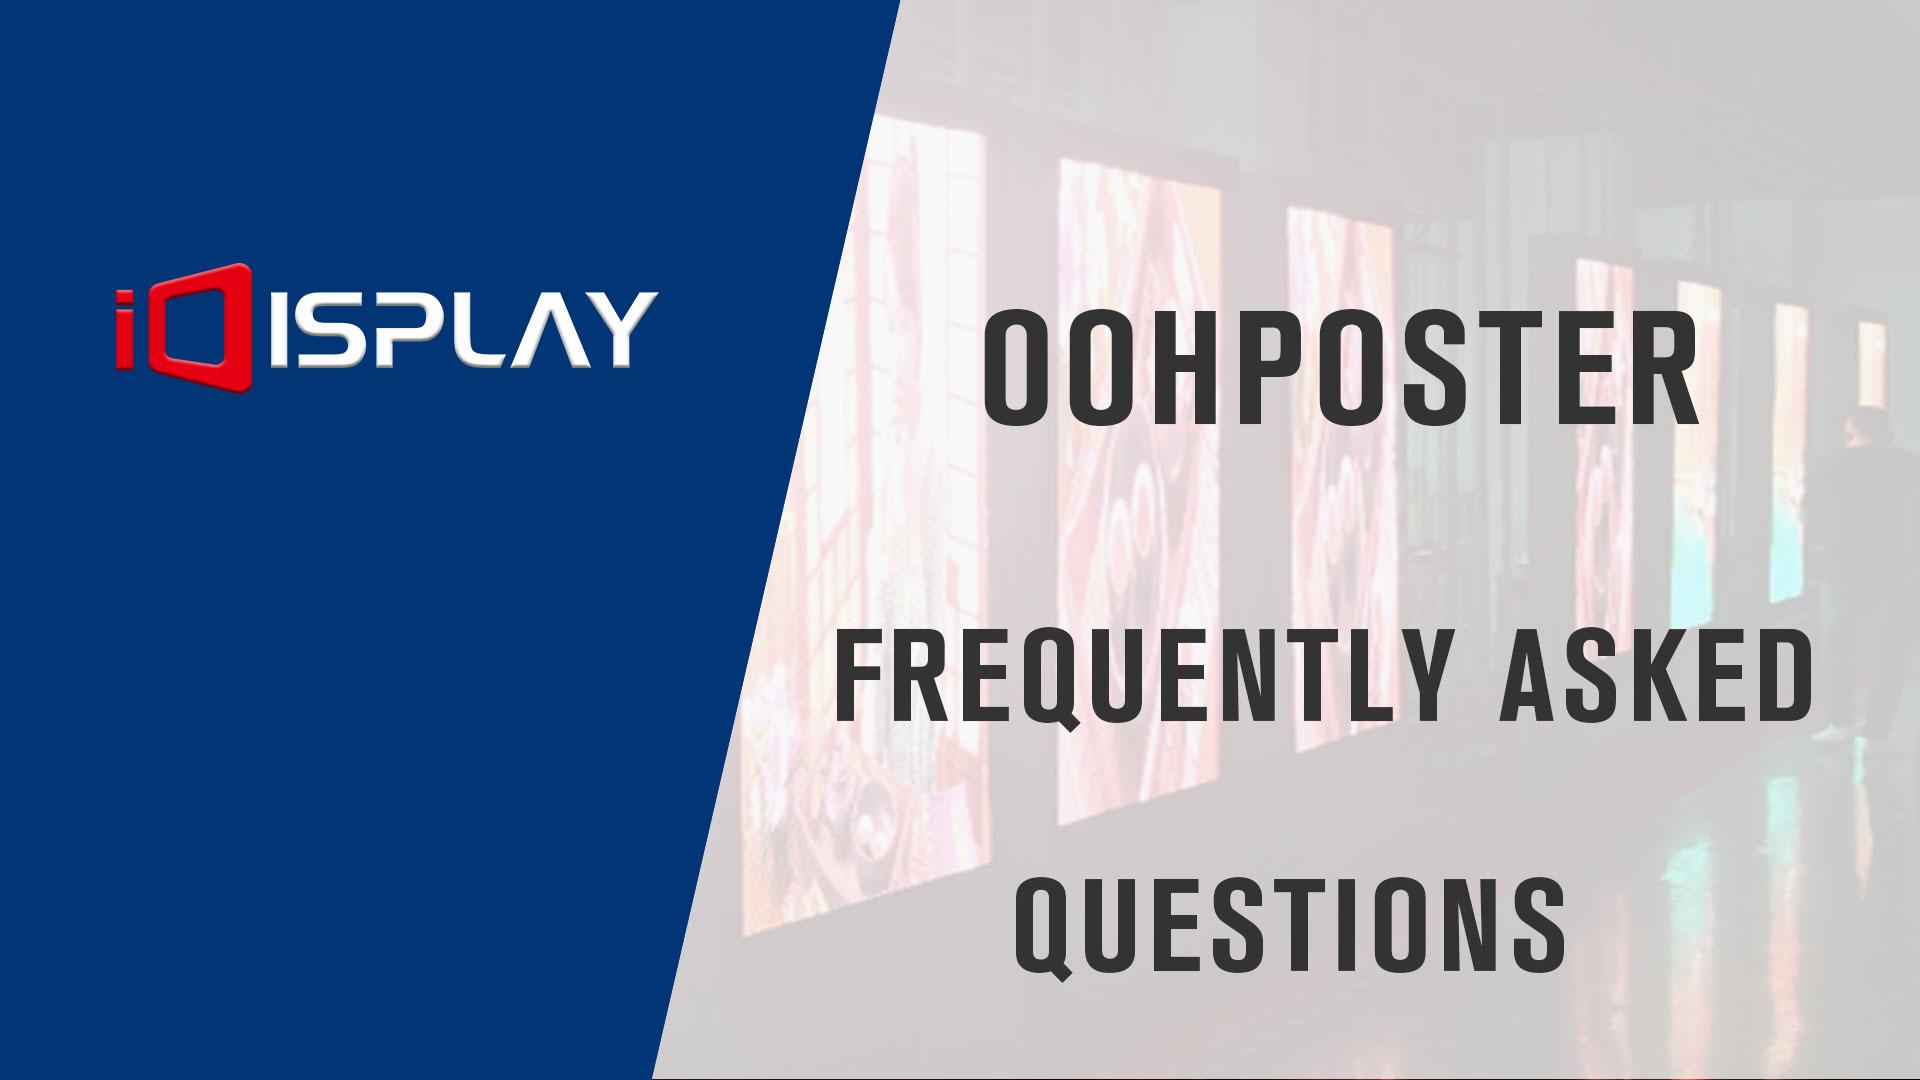 Veelgestelde vragen over OOHPoster